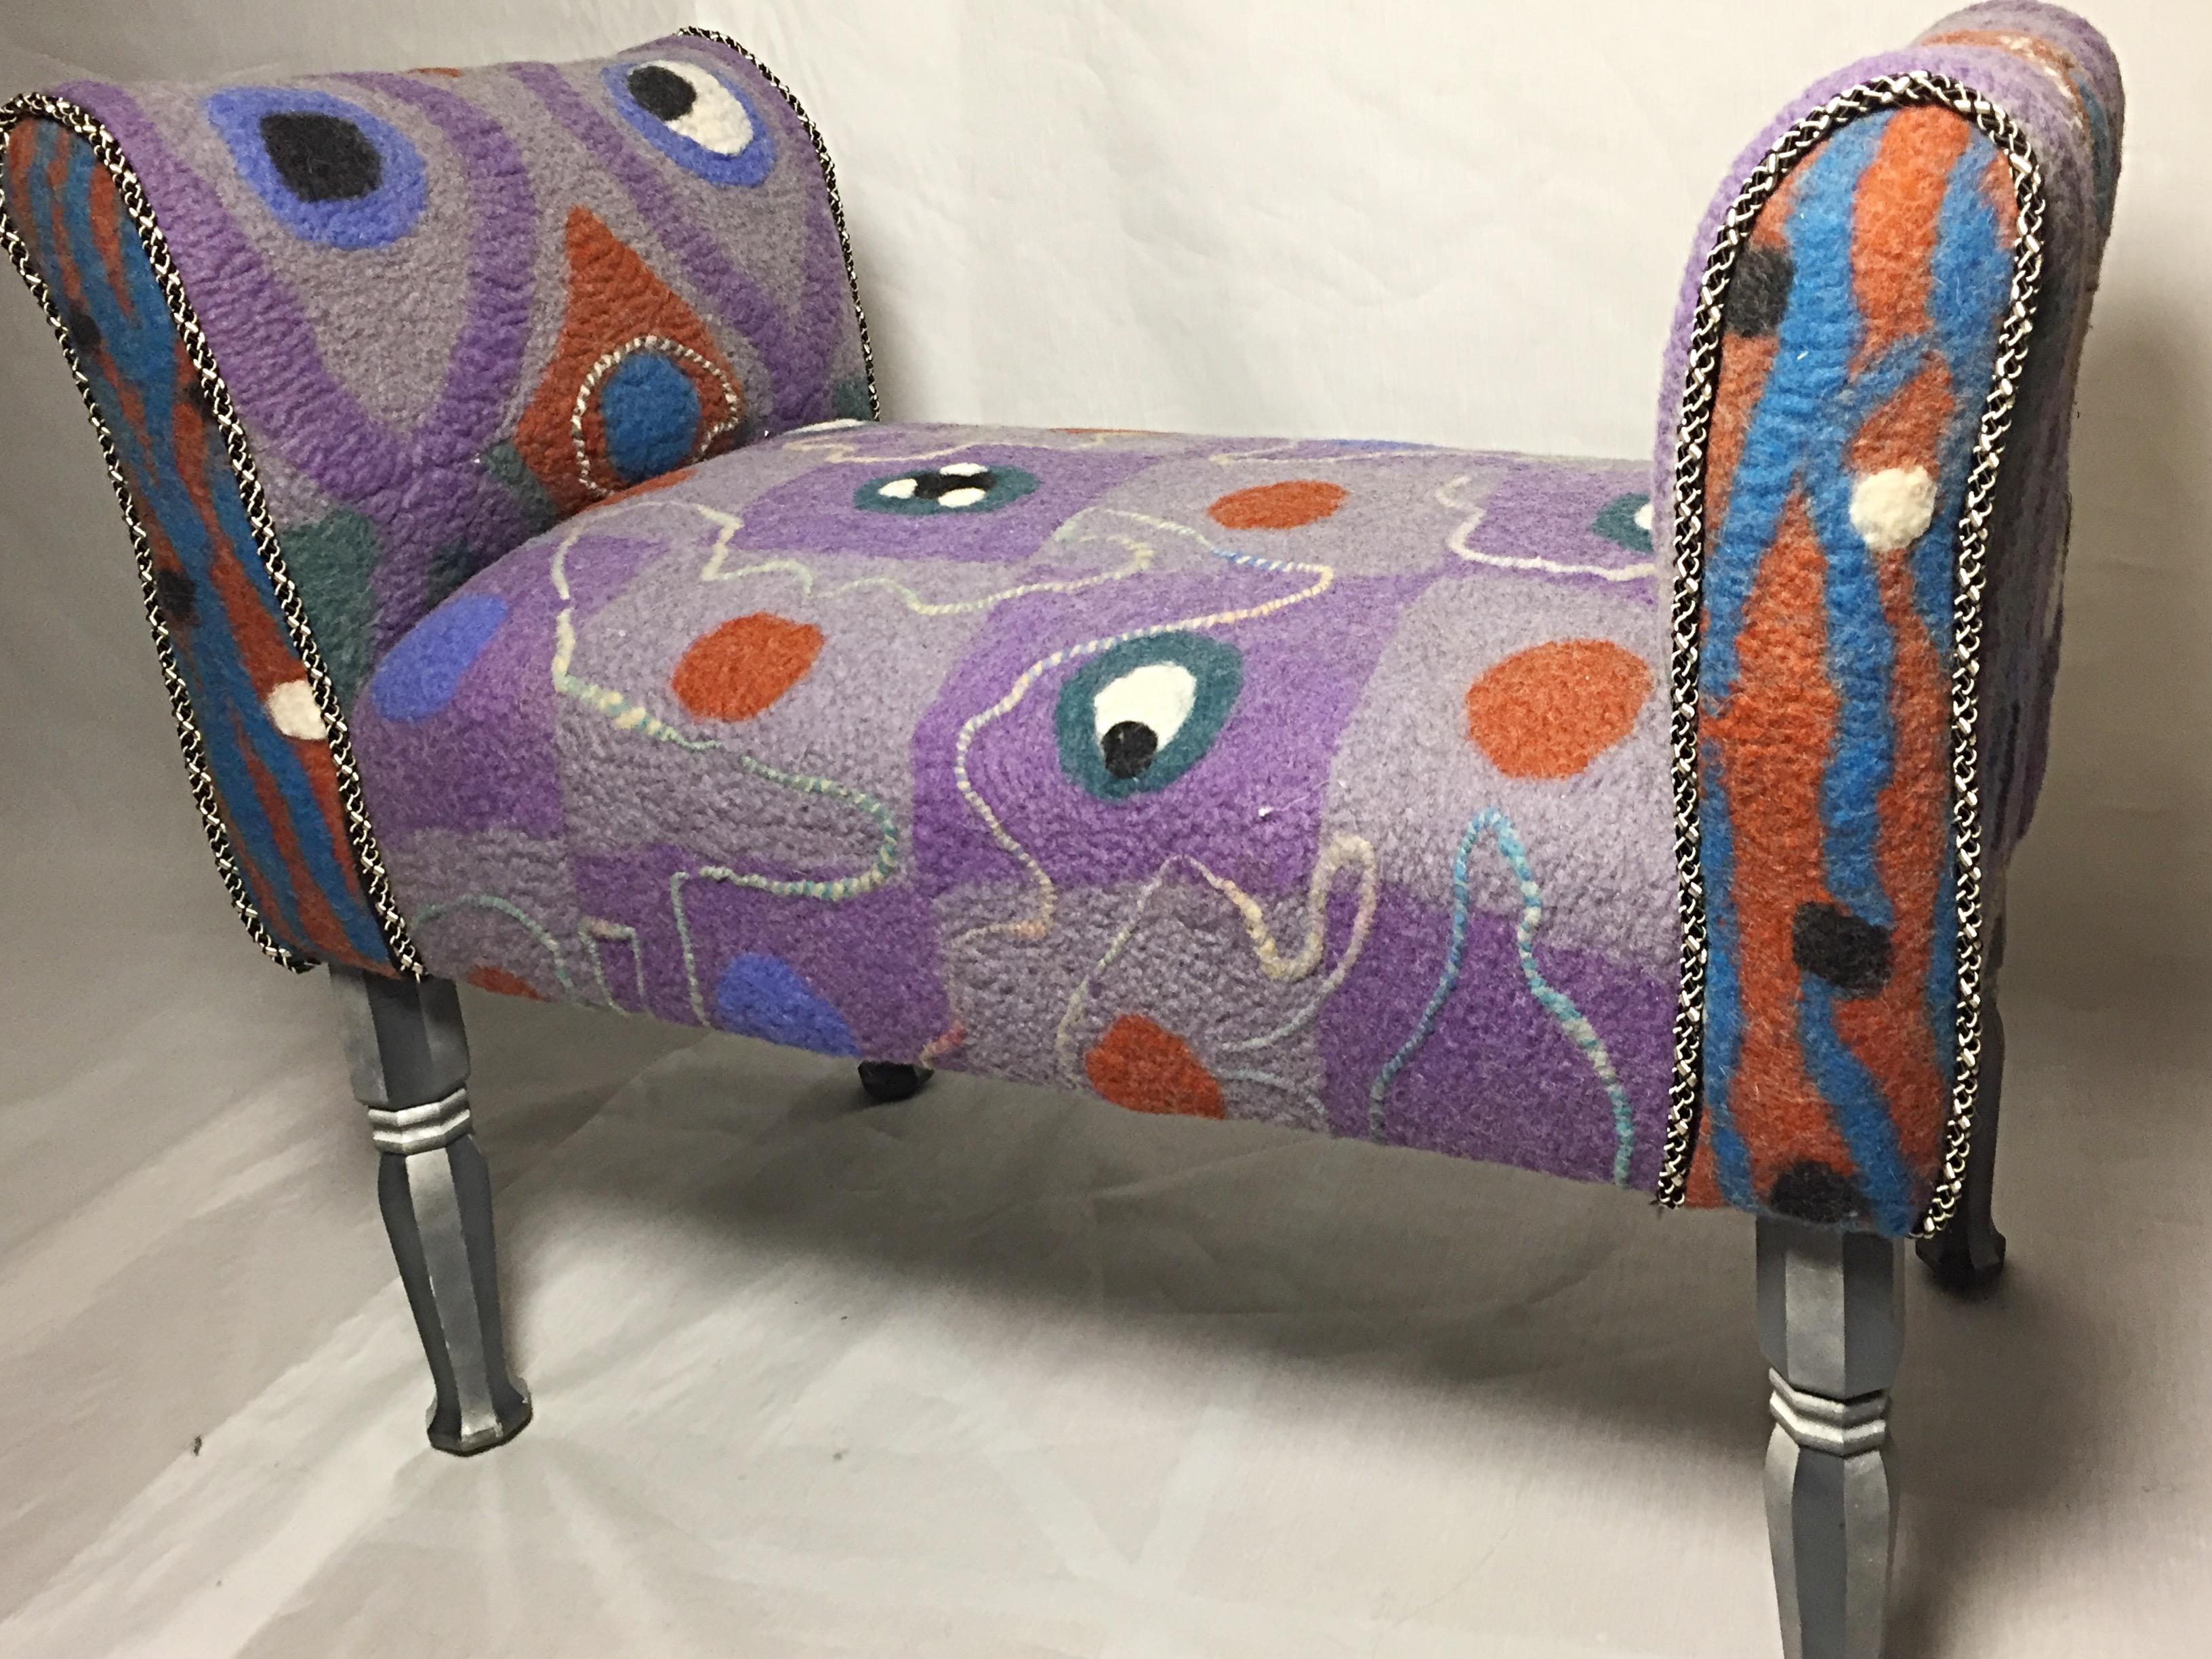 Handmade felt upholstered settee